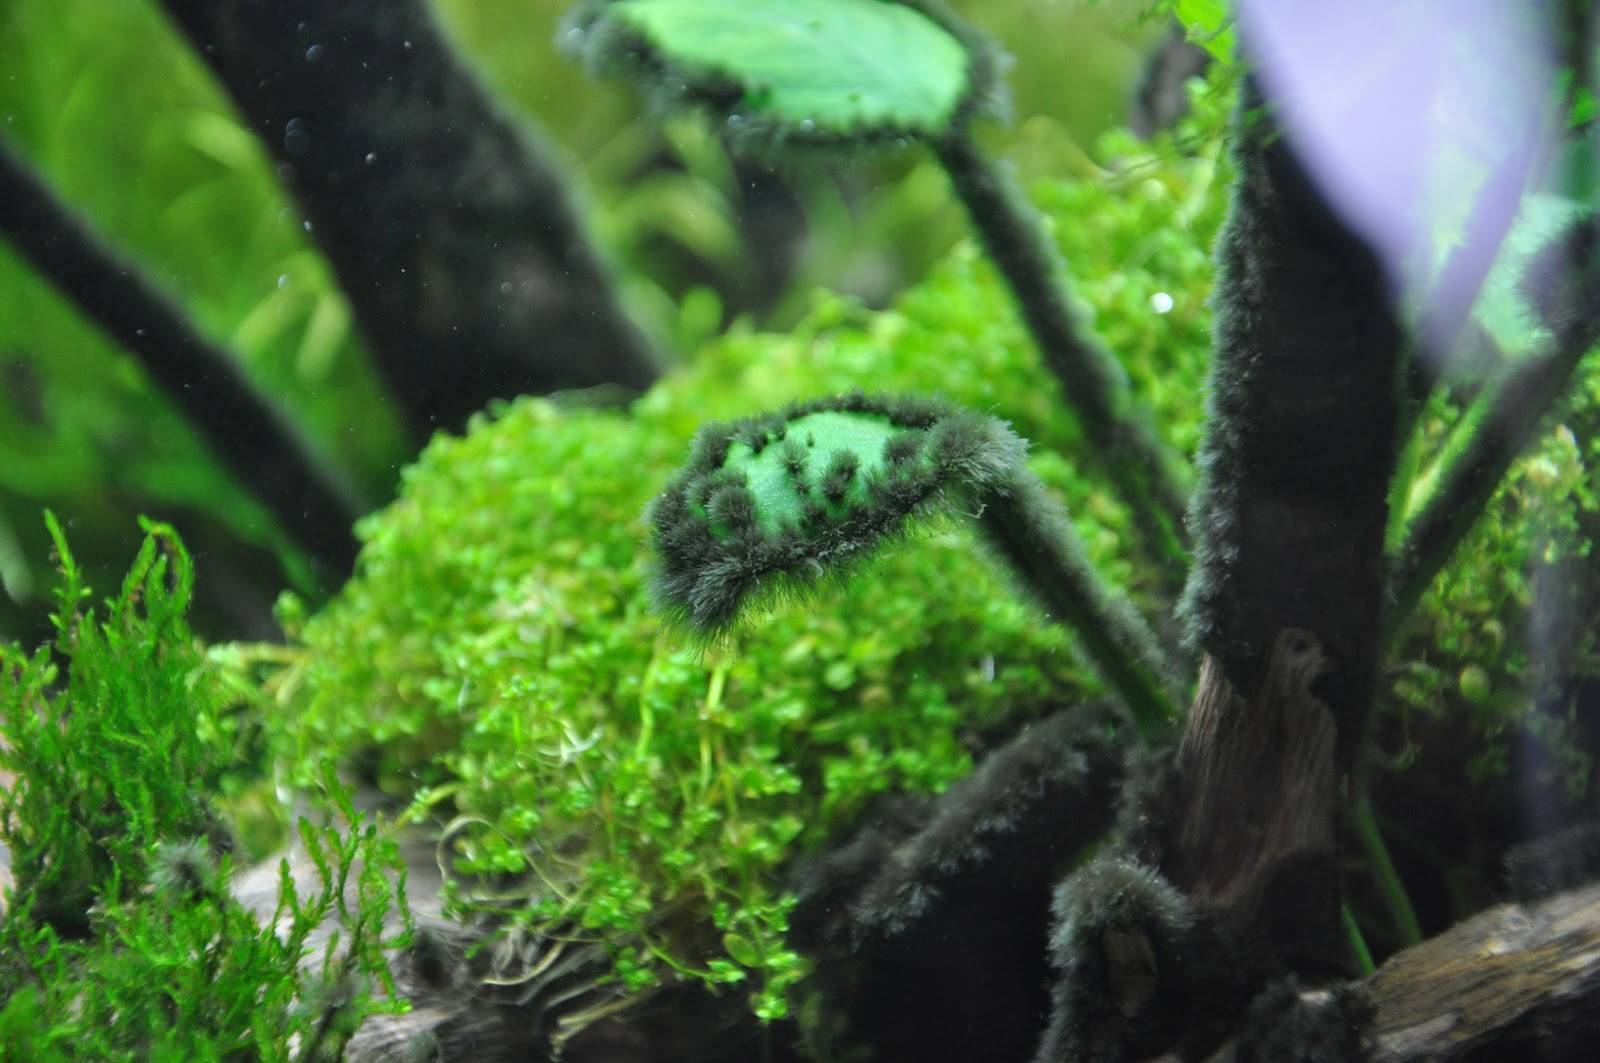 Черная борода в аквариуме: как избавиться и причины появления